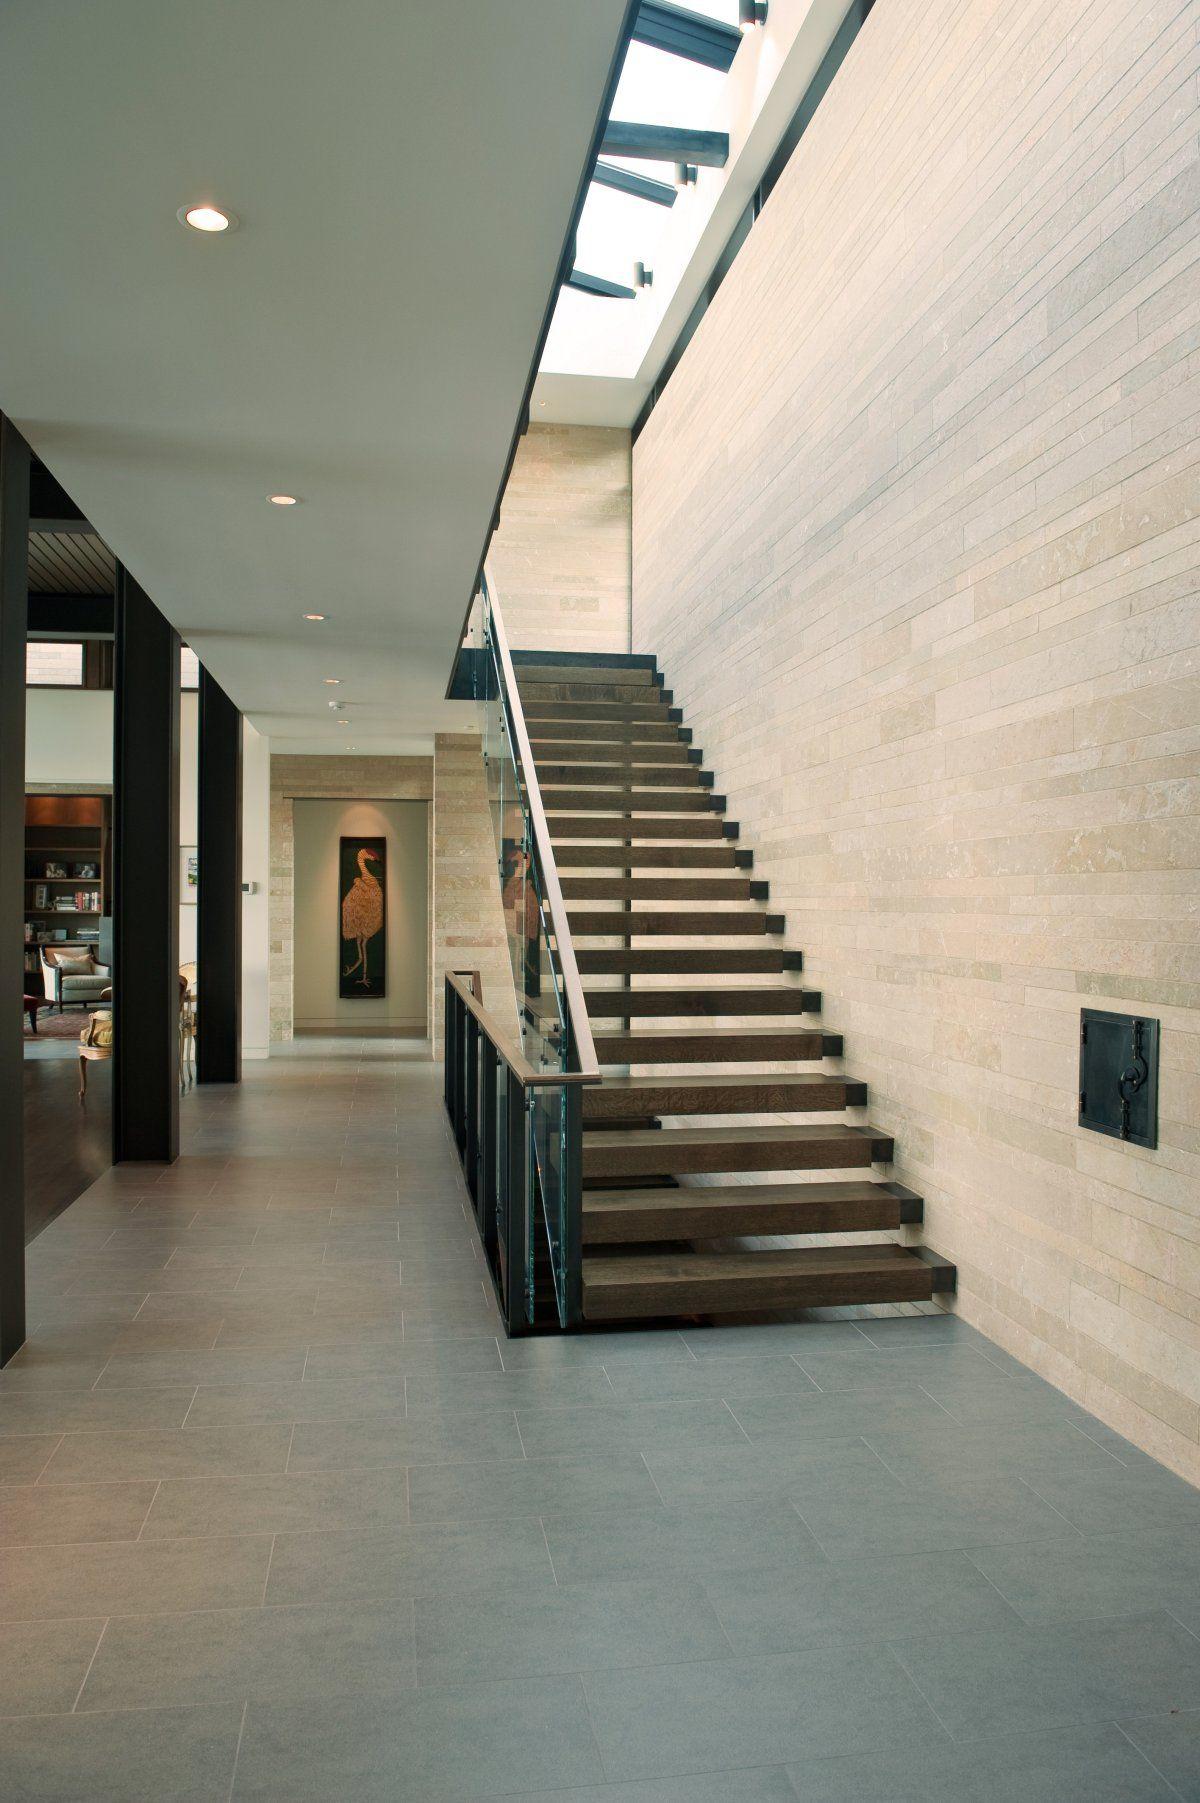 Entzückend Moderne Treppen Beste Wahl Herrliche Treppe Assortierte Stil Und Design Kollektion